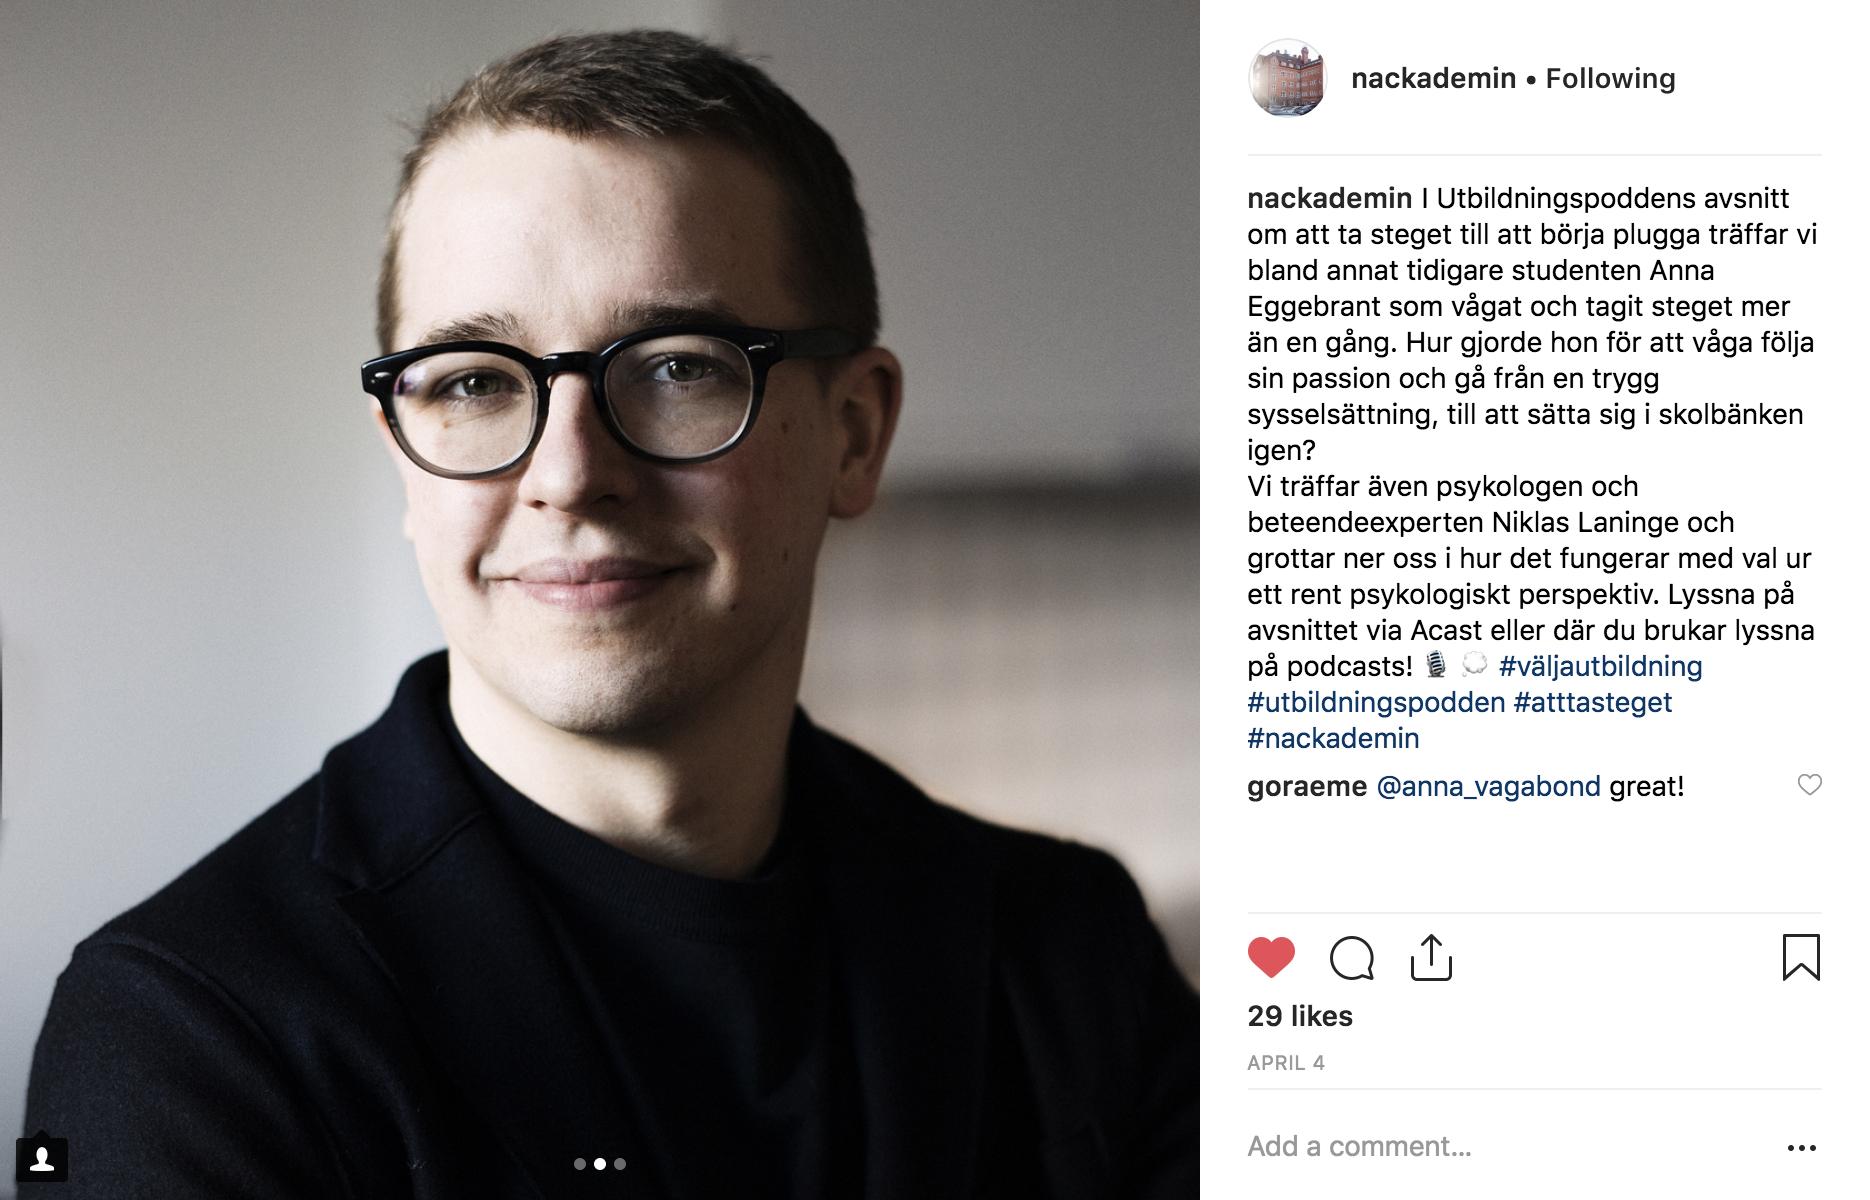 Niklas Laninge i Utbildningspodden #1 om att våga välja av Nackademin och Flip-Flop Interactive